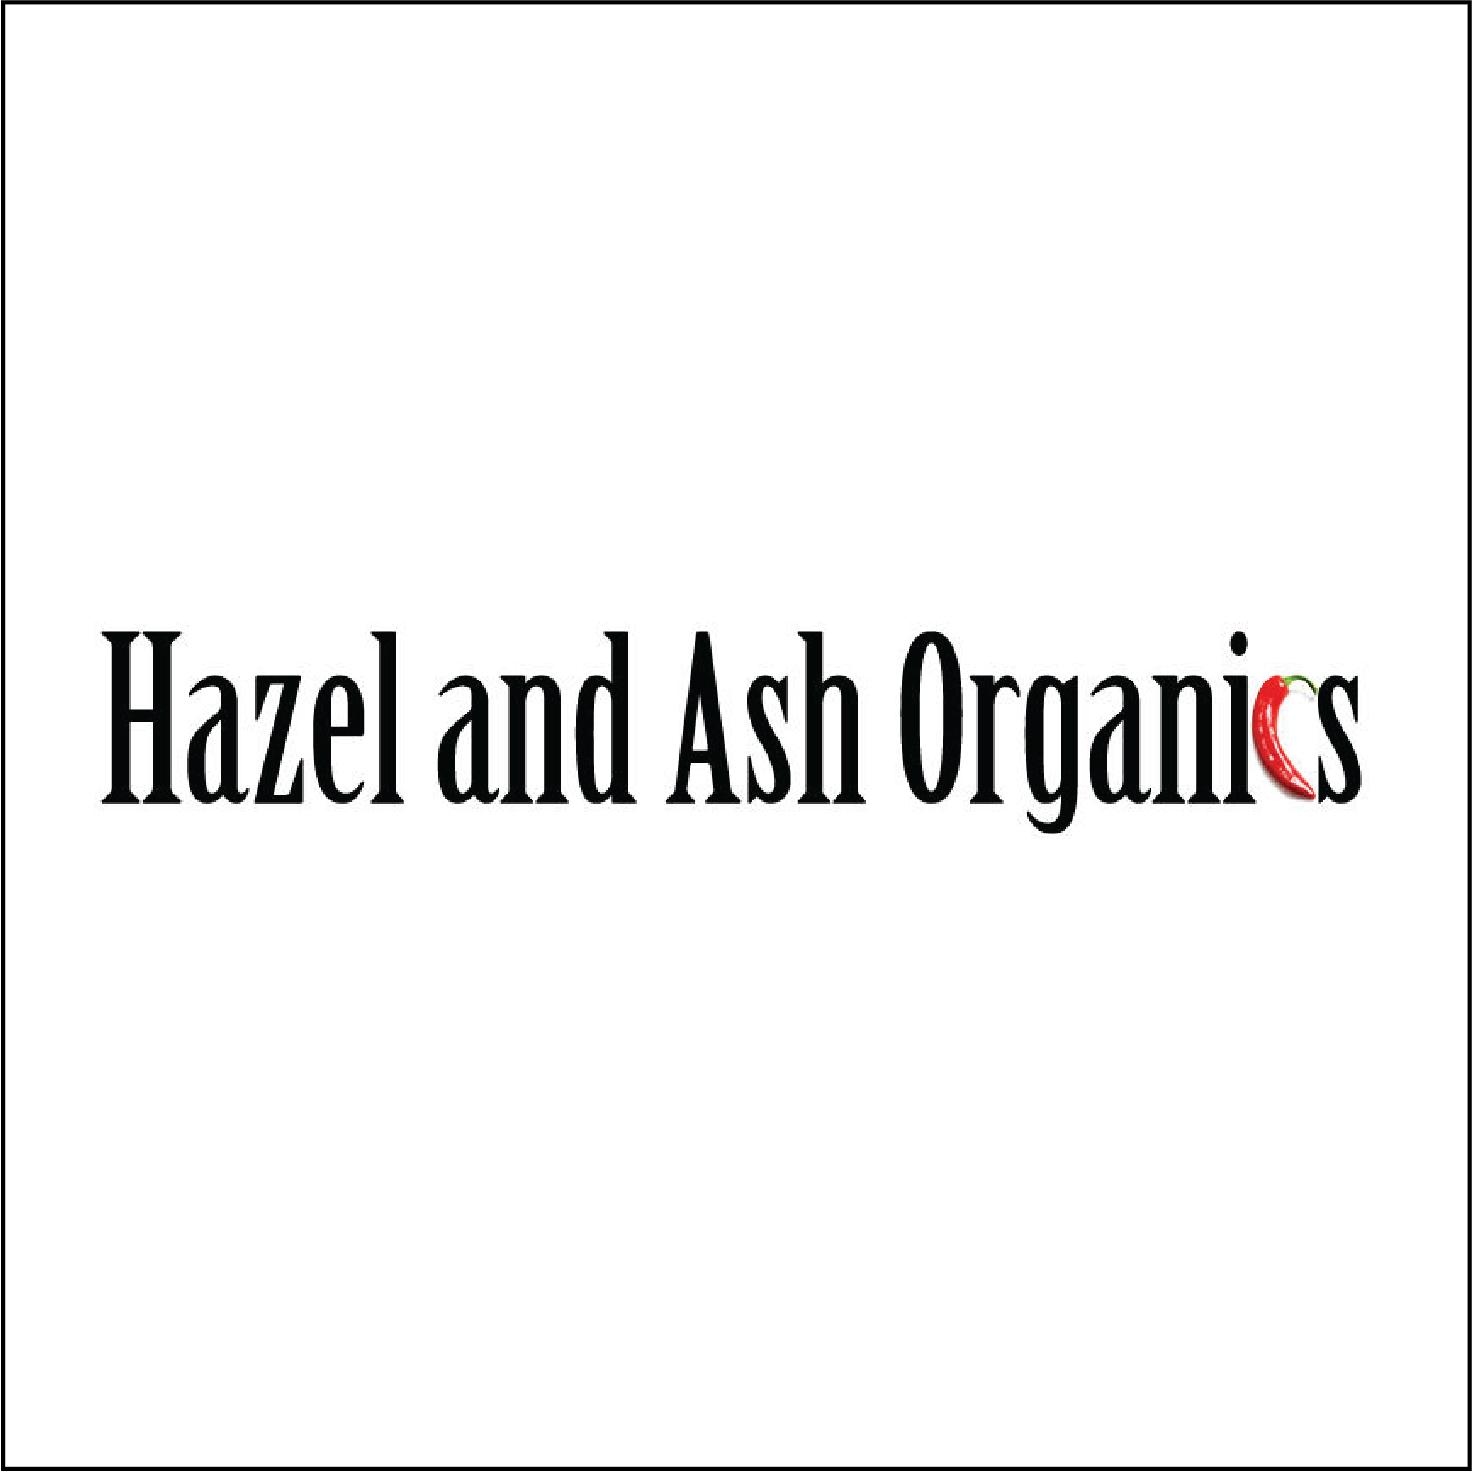 Hazel & Ash Organics   Gourmet hot sauces, salsas and other fresh sauces!